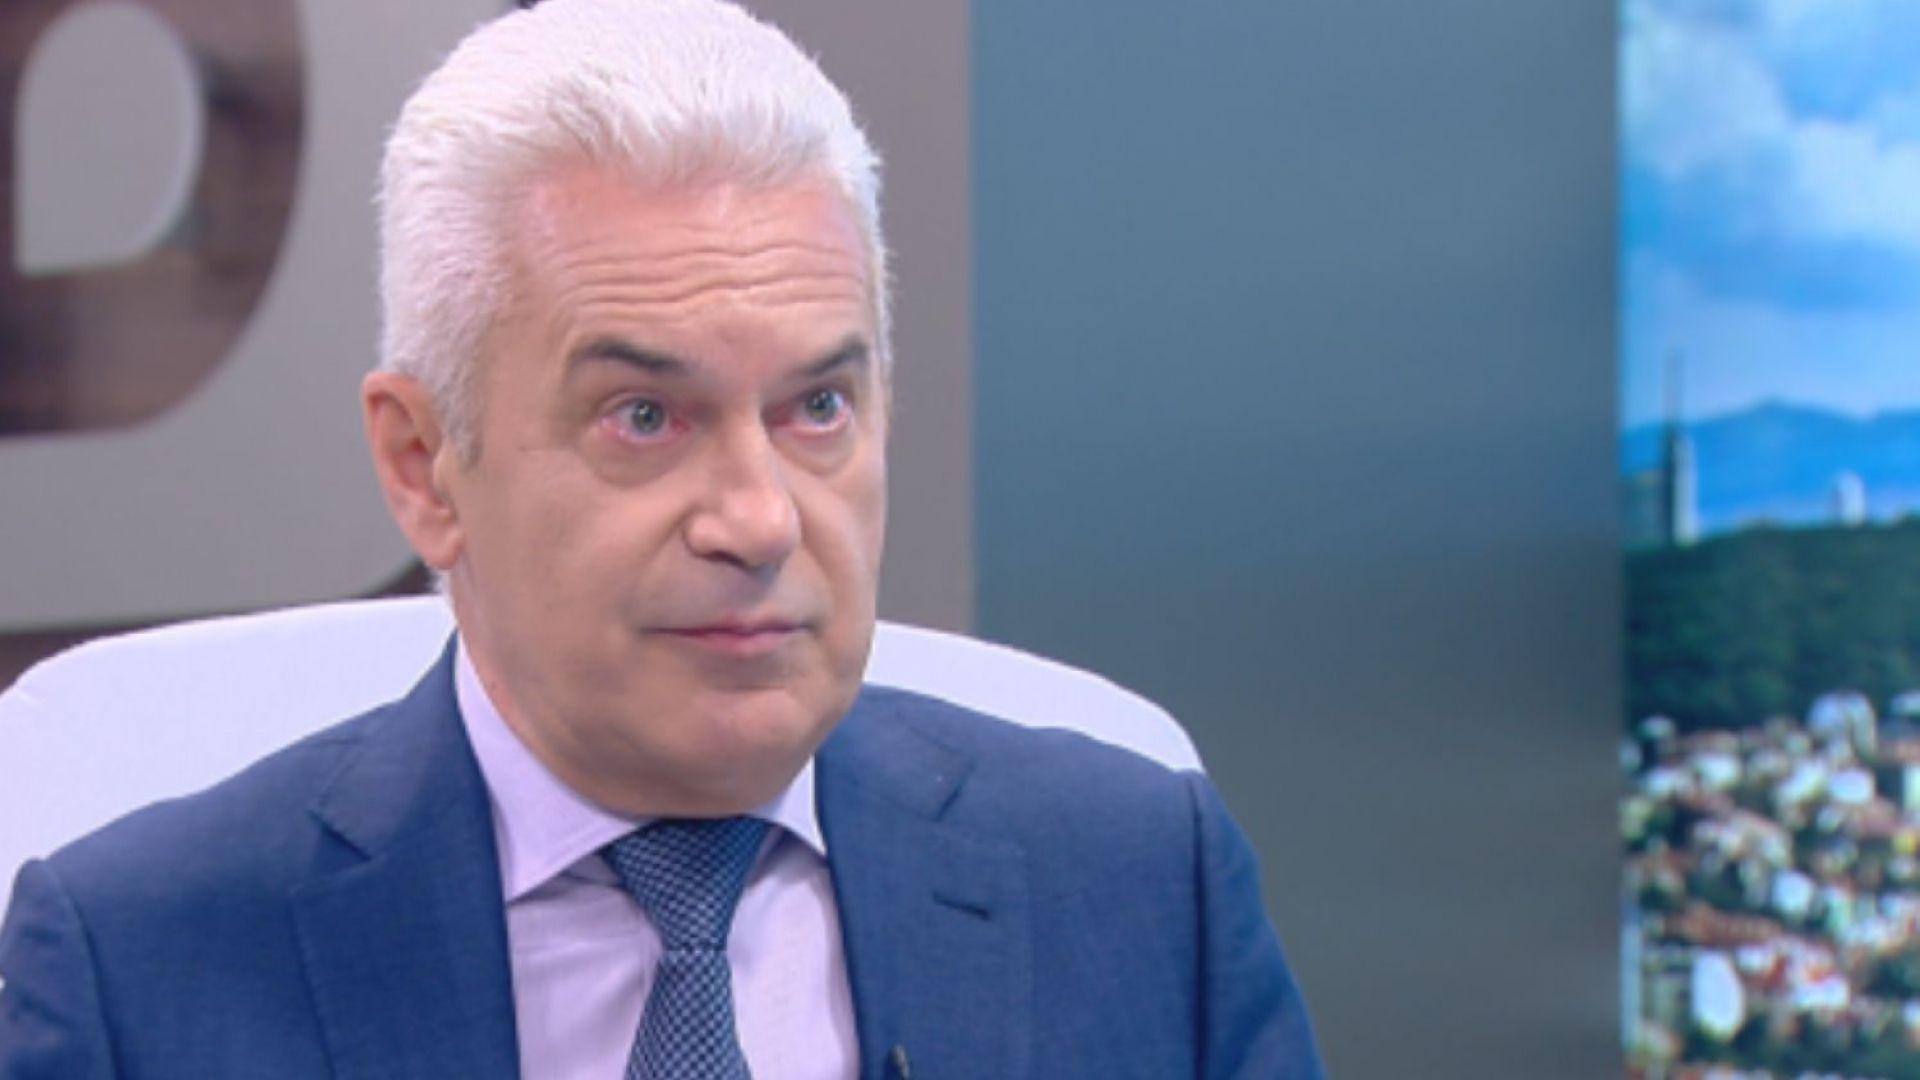 Сидеров иска изтегляне на законопроекта за шума на Симеонов